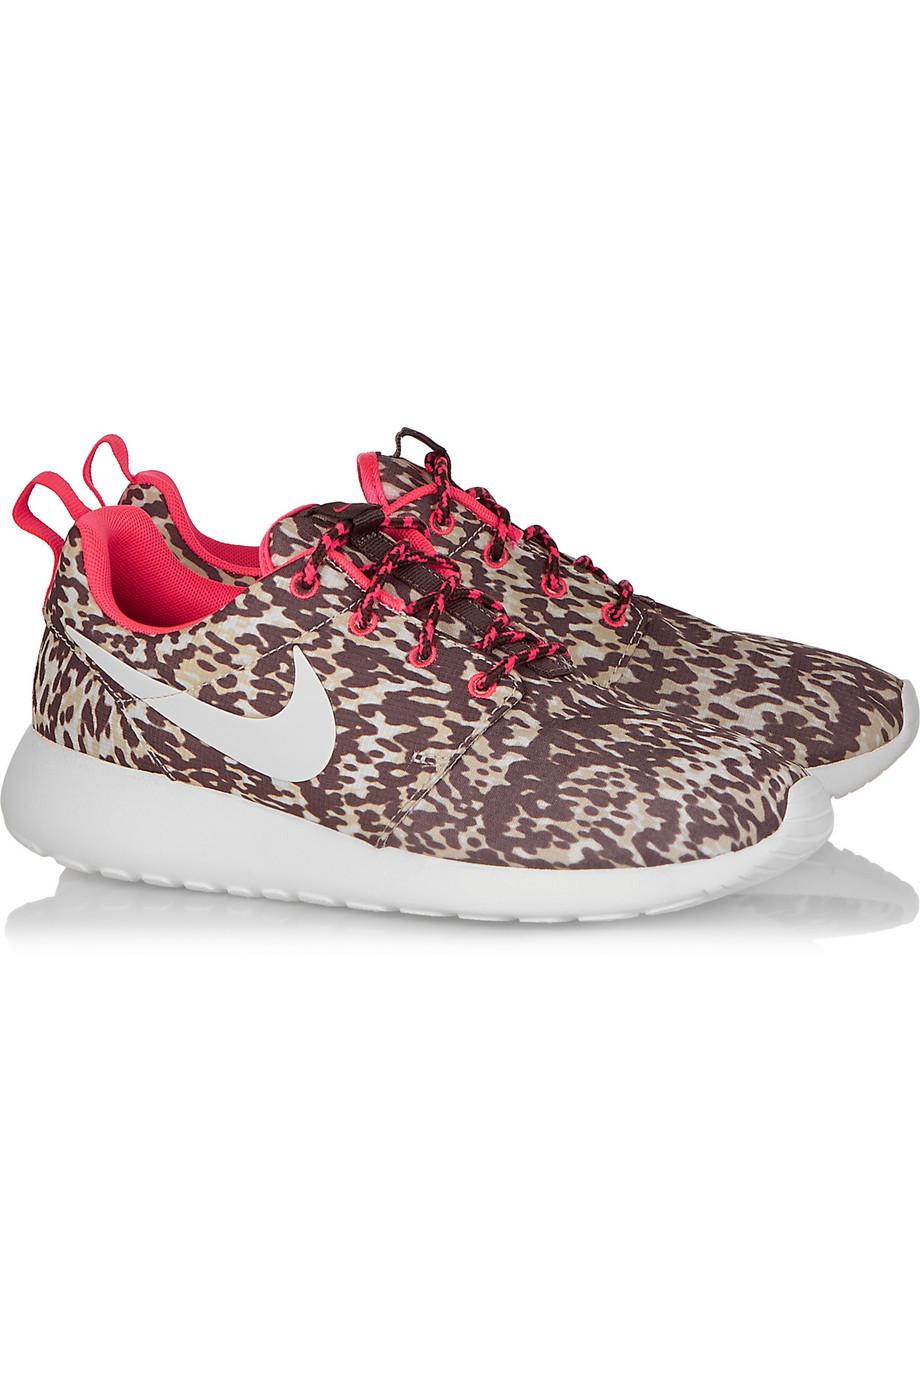 leopard_shoe.jpg